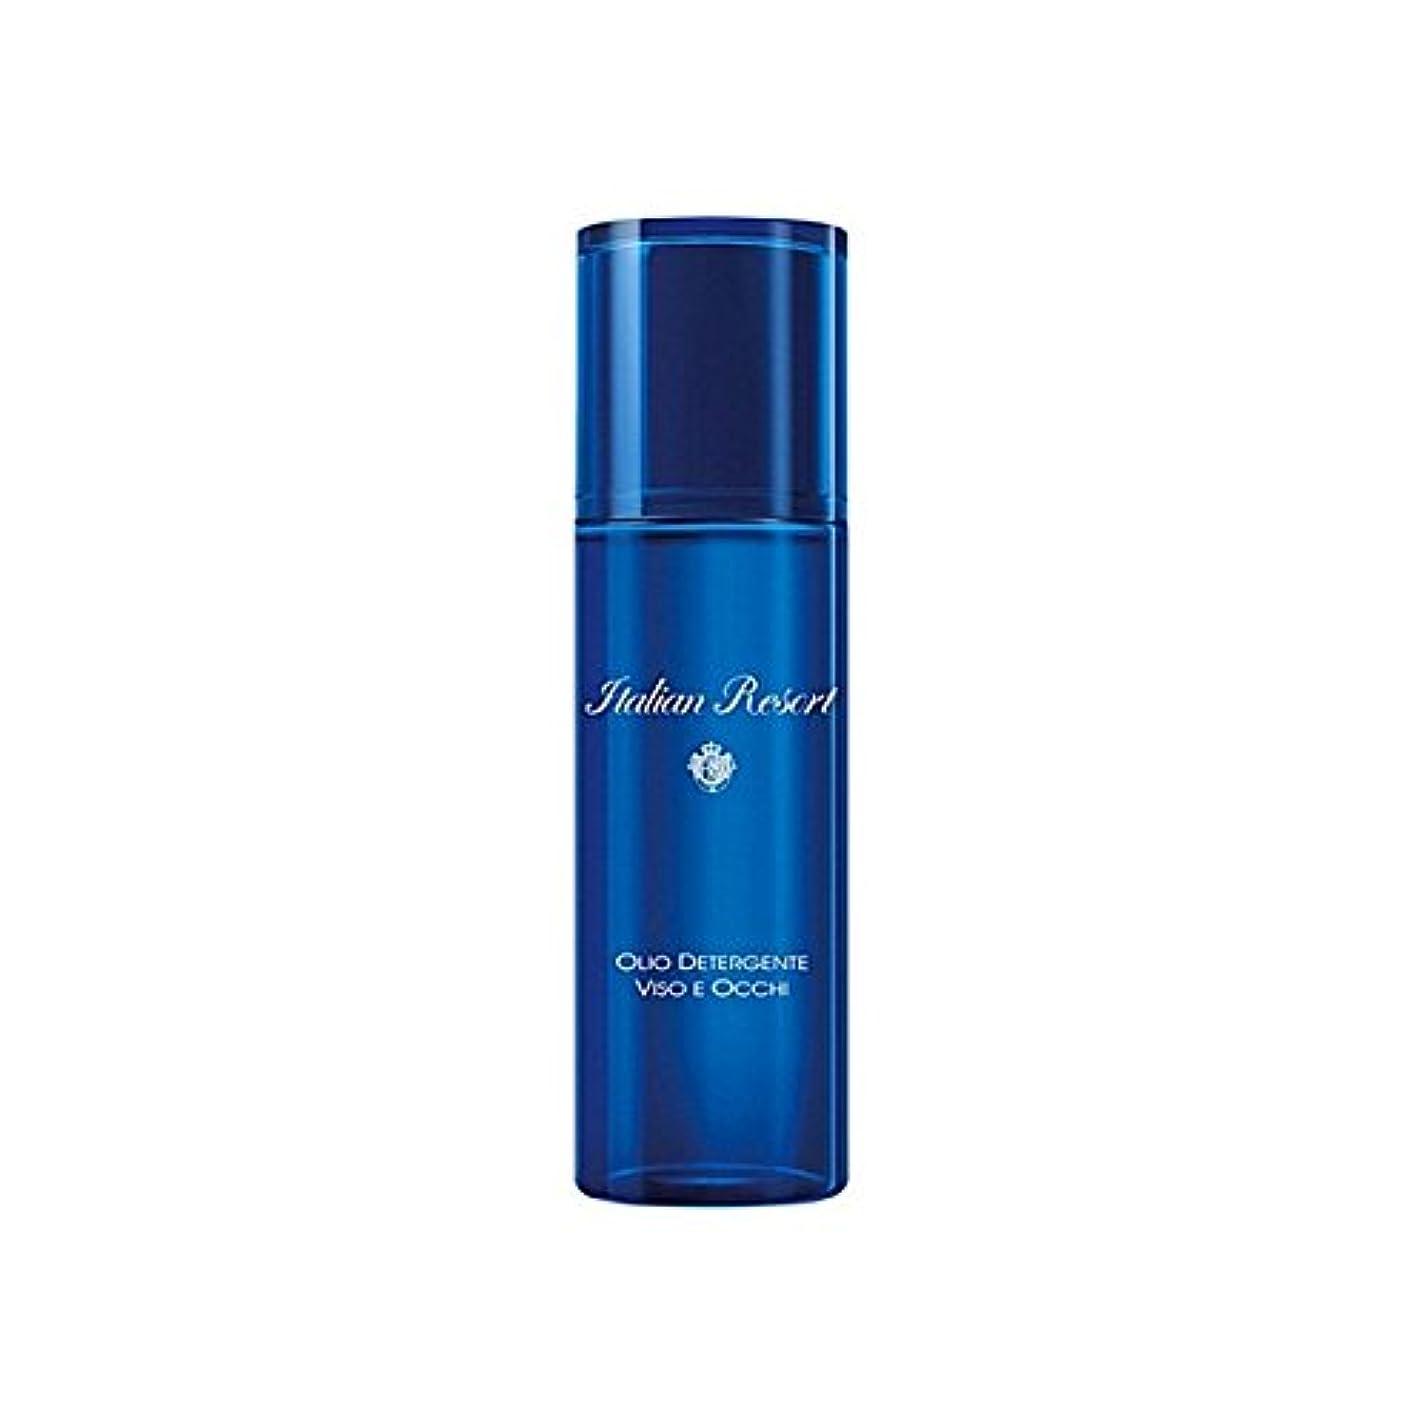 オプショナルベース価格アクアディパルマイタリアリゾート顔と目のクレンジングオイル200ミリリットル x4 - Acqua Di Parma Italian Resort Face And Eye Cleansing Oil 200 ml (Pack...